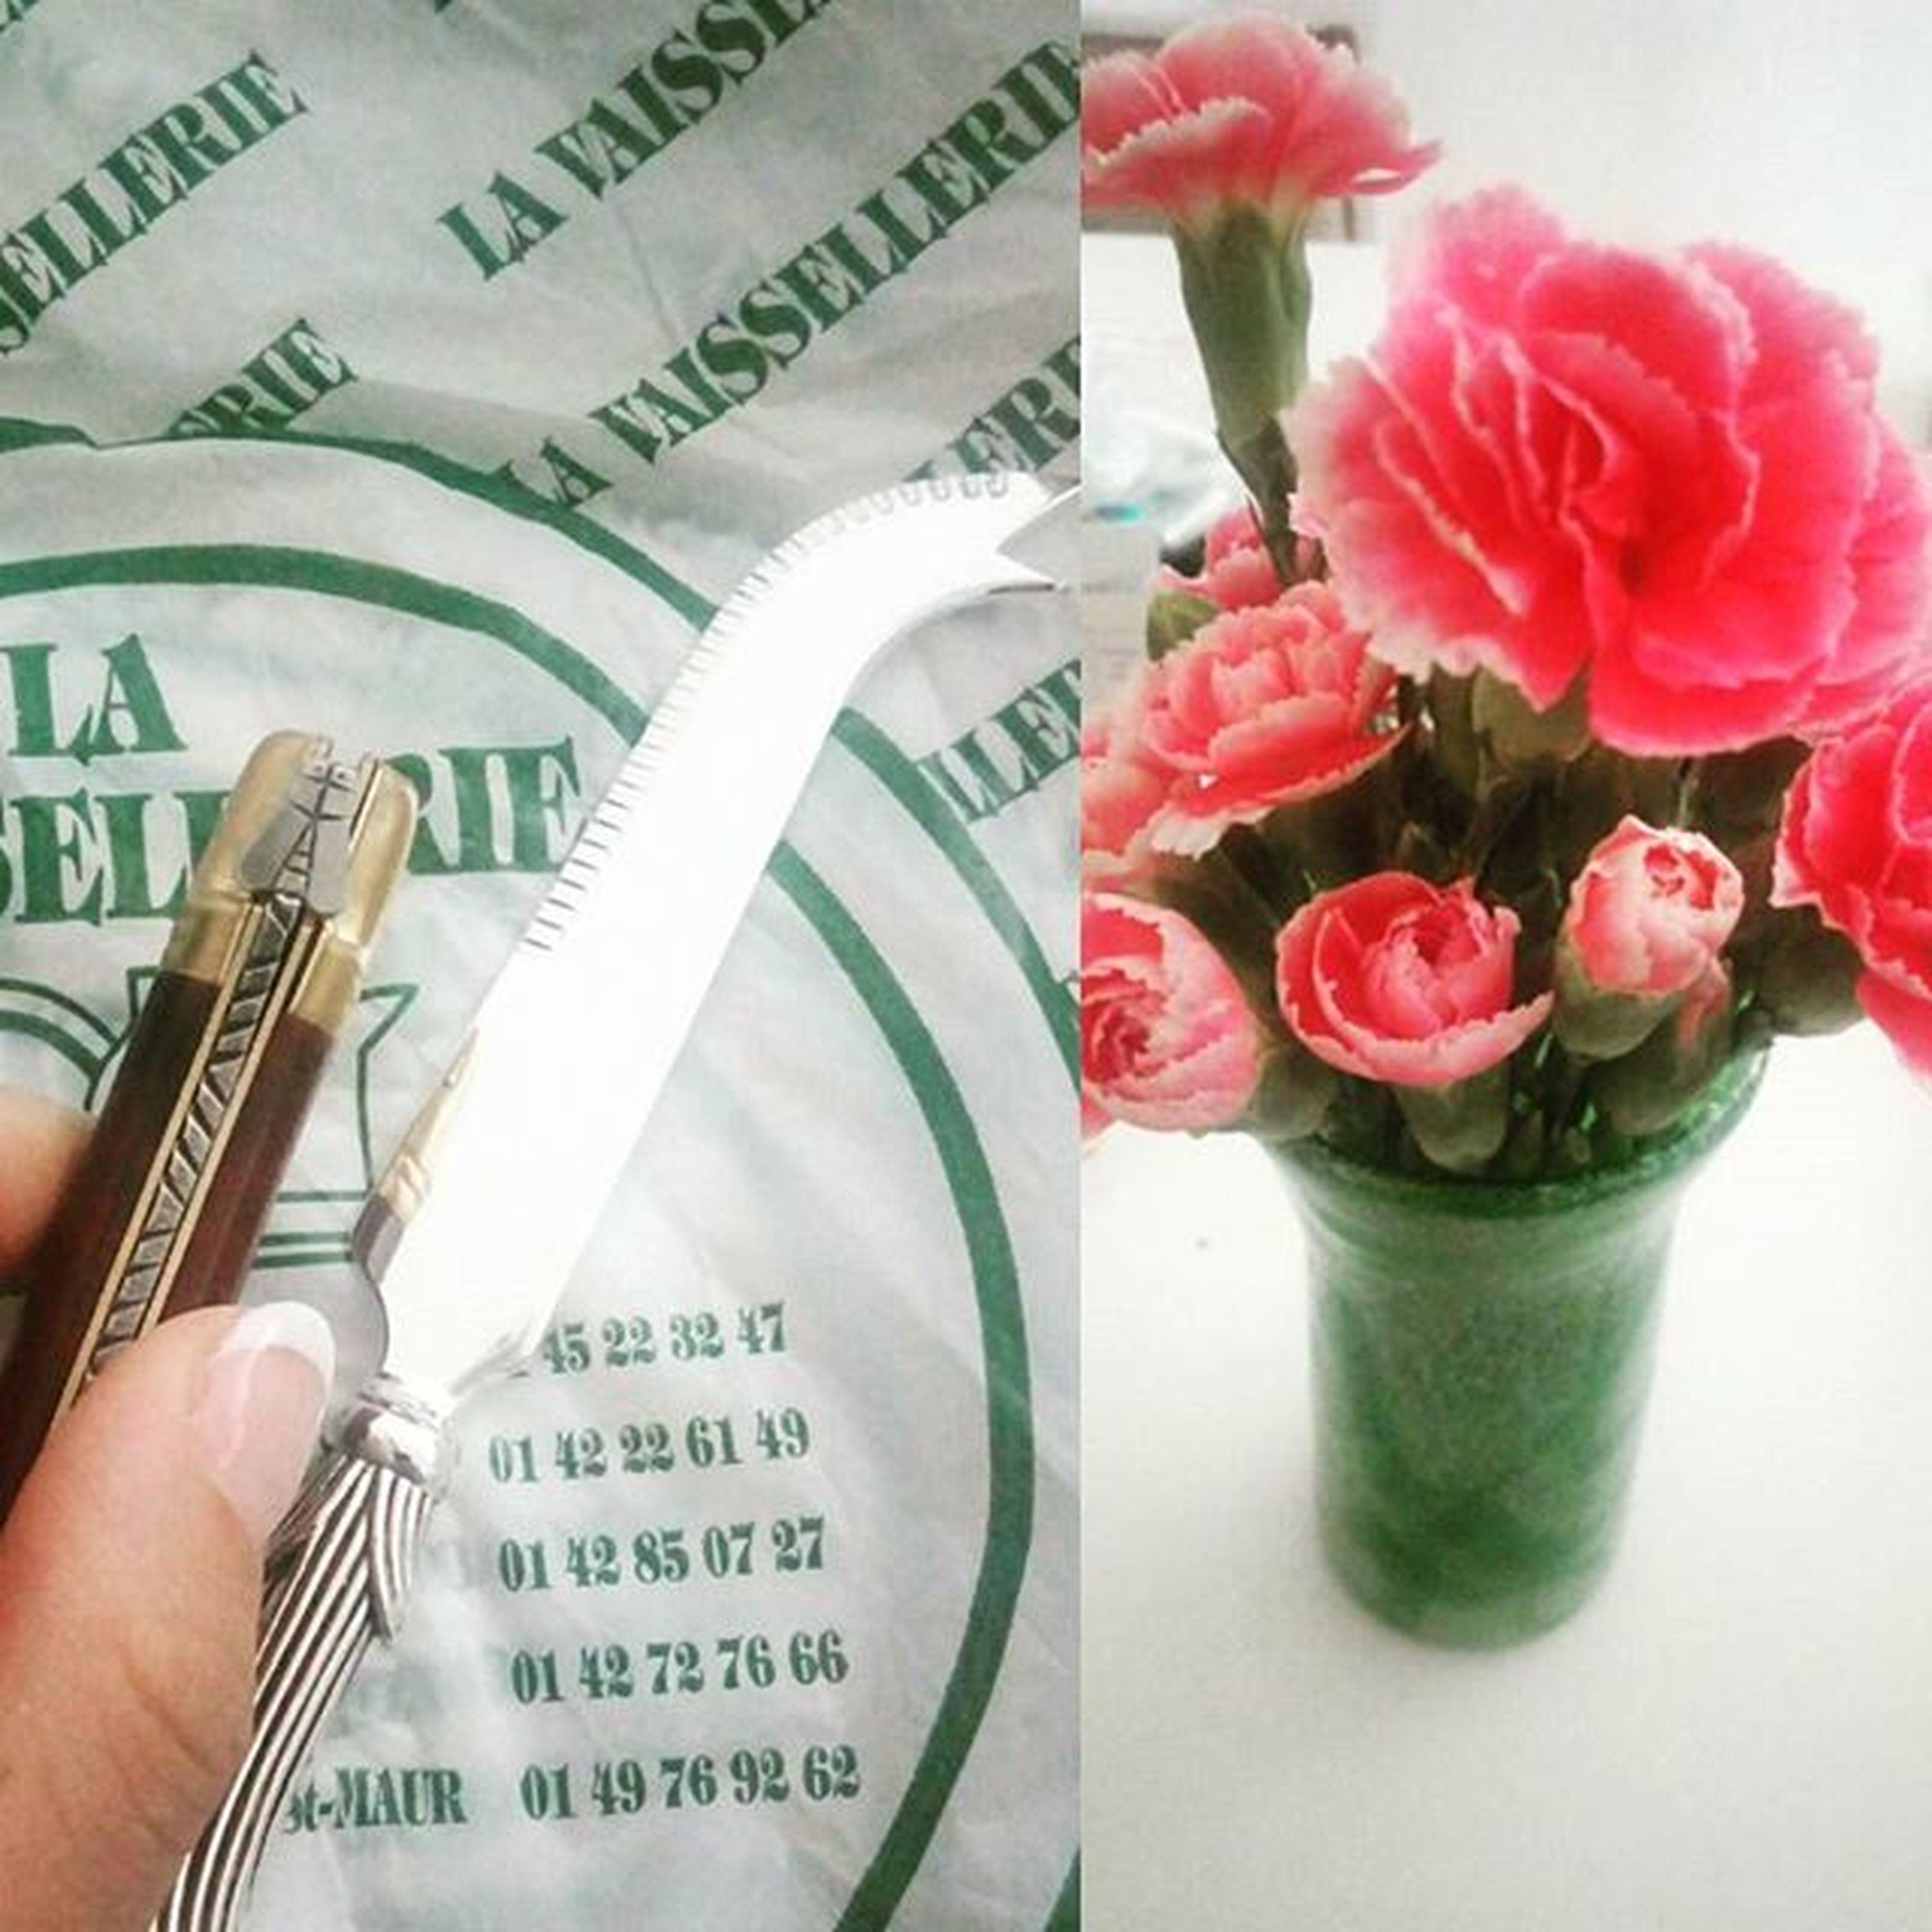 欲しかったラギオールのソムリエナイフ🇫🇷種類いっぱいのチーズナイフ🇫🇷そしてお花のある生活🌹🌷🌸🌺 蜜蜂をてんとう虫とまちがえる Laguiole フックがない アレ Bee Napoleon ってか正直蝉にみえる ややこしい LOL Sommelierknife Onlyoneleft Cheese Knife Couteau Flower Pink Carnation カーネーション Longlasting Futon お花買うときはだいたいそこ 愛用 花瓶 Vase Okinawa madeby 自分 余韻に浸る morning